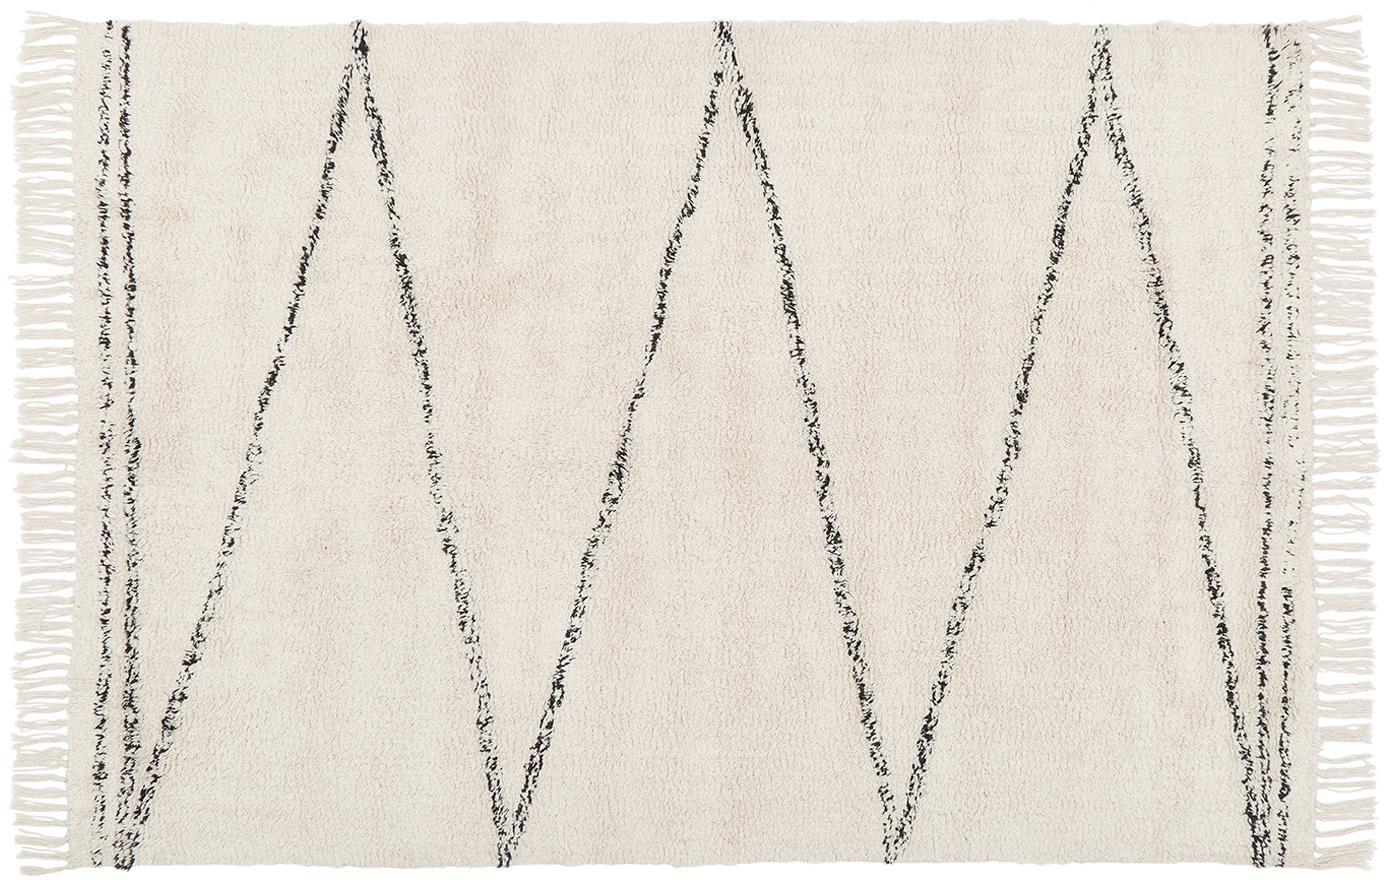 Tappeto Asisa in cotone taftato a mano con motivo a zigzag, Beige, nero, Larg. 120 x Lung. 180 cm (taglia S)